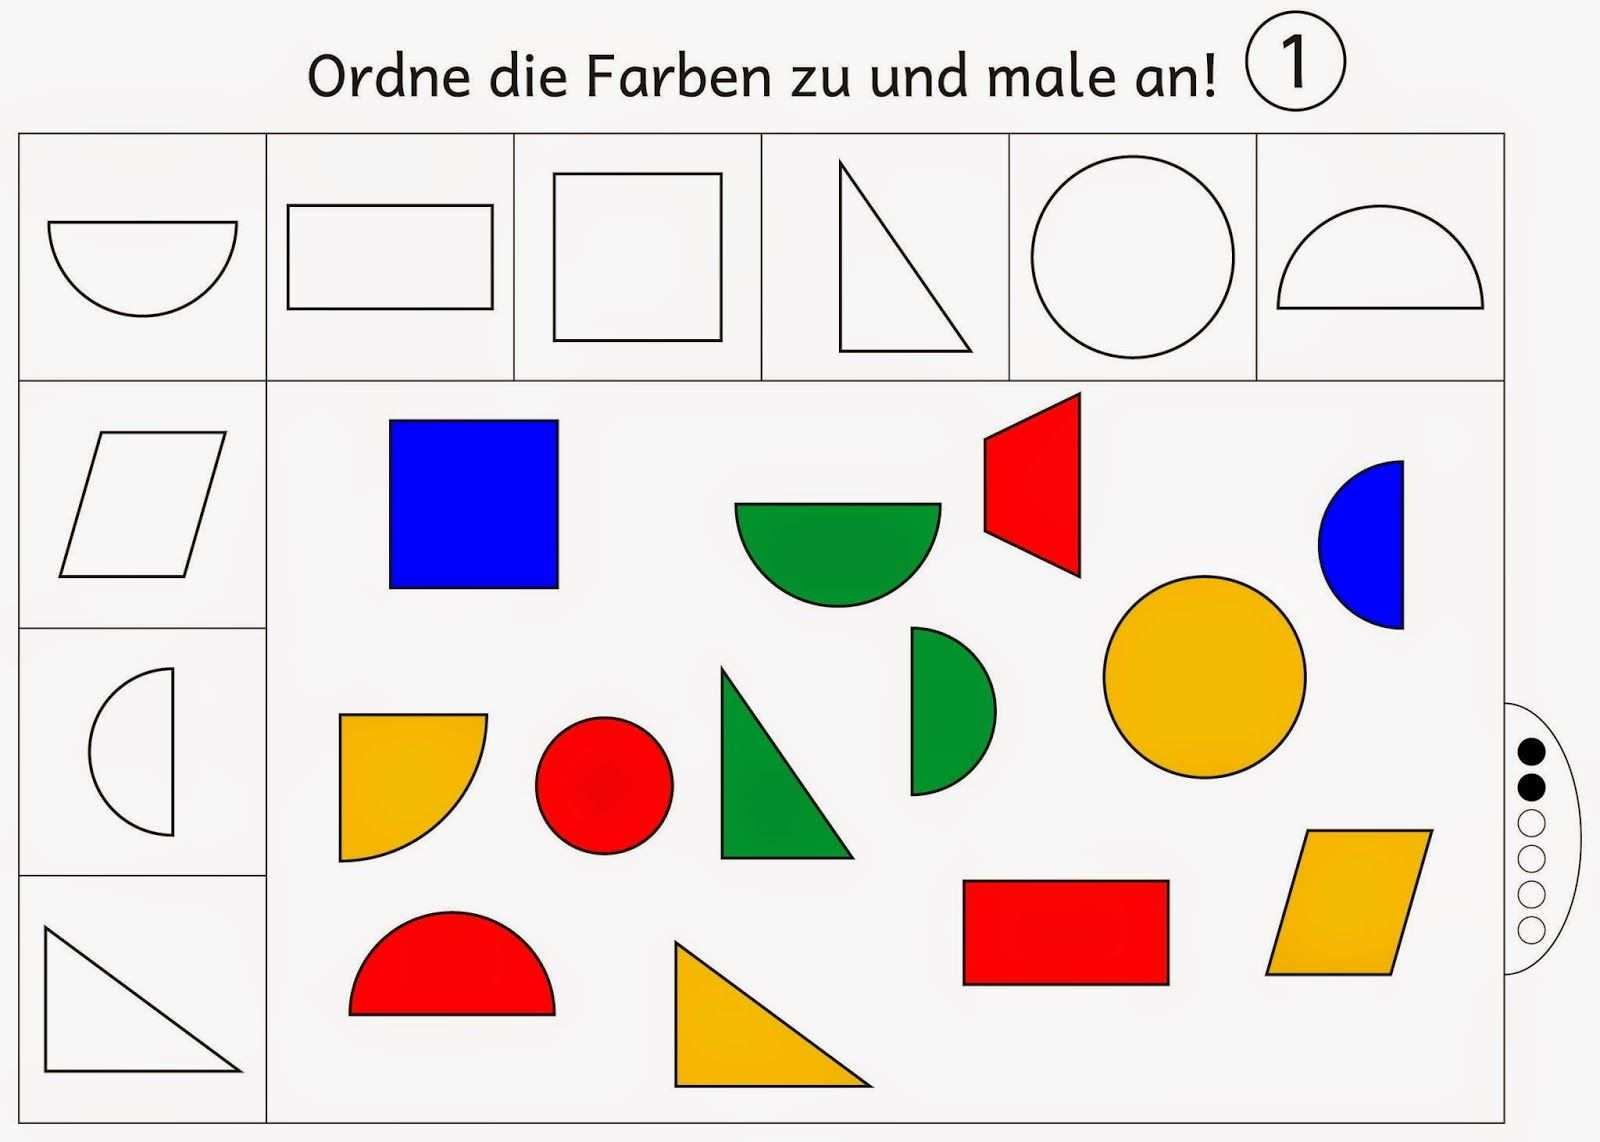 Farben Zuordnen Und Anmalen Level 2 Vorschulprojekte Vorschule Kindergarten Formen